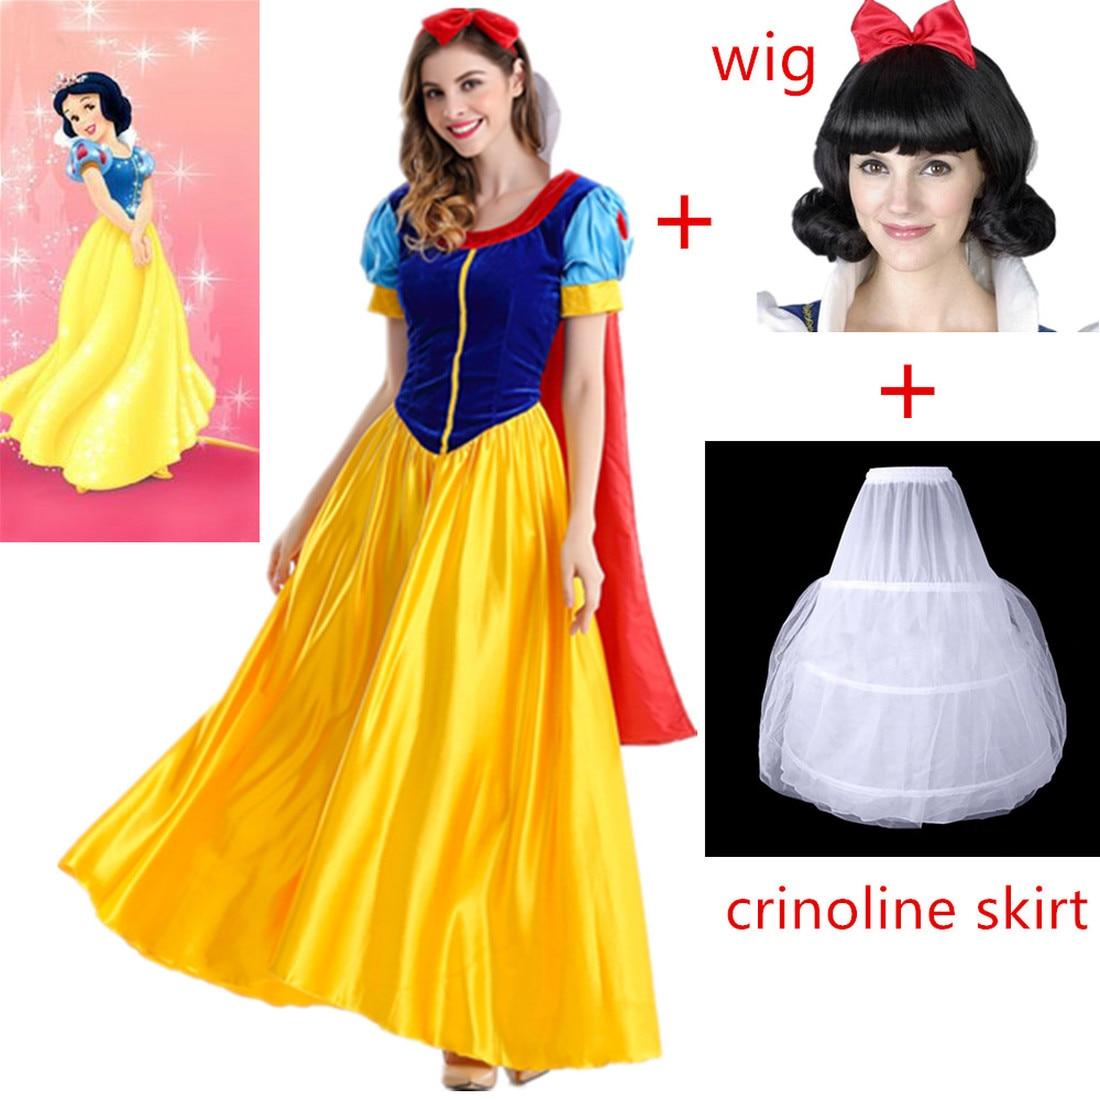 נשים בתחפושת שלגייה שכוללת שמלה, פאה, חצאית קרינולינה